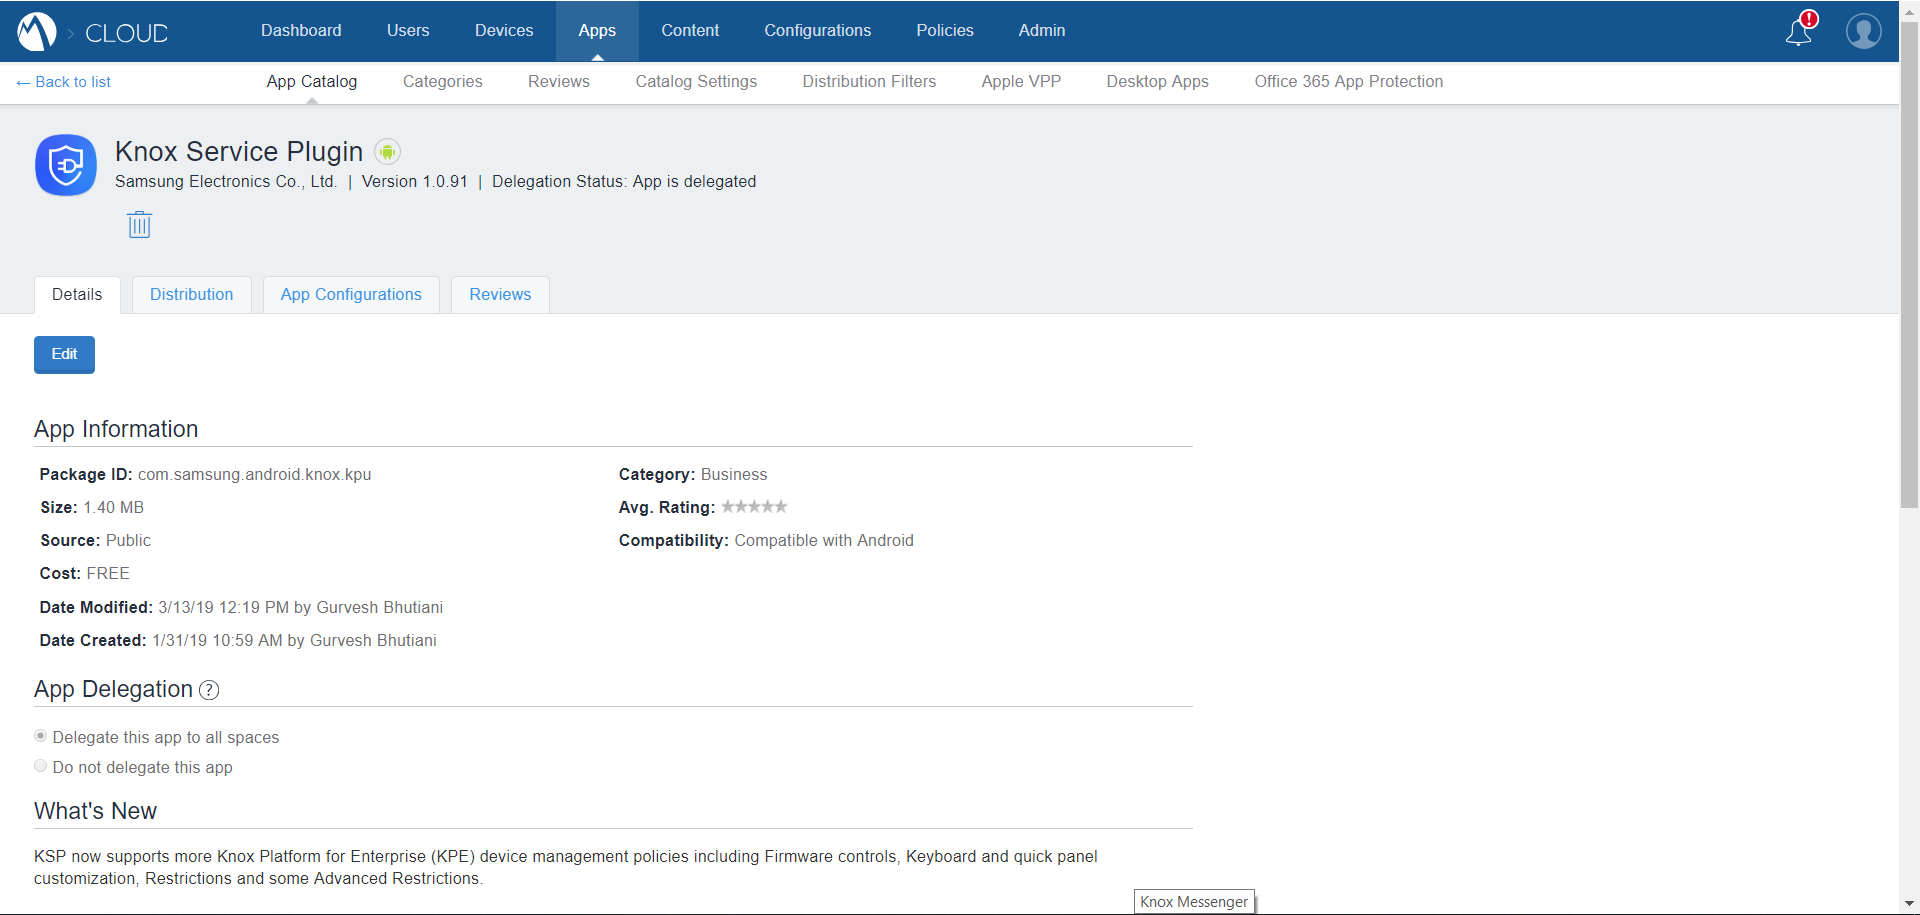 Deploy KSP - MobileIron Cloud App Catalog - KSP Details page